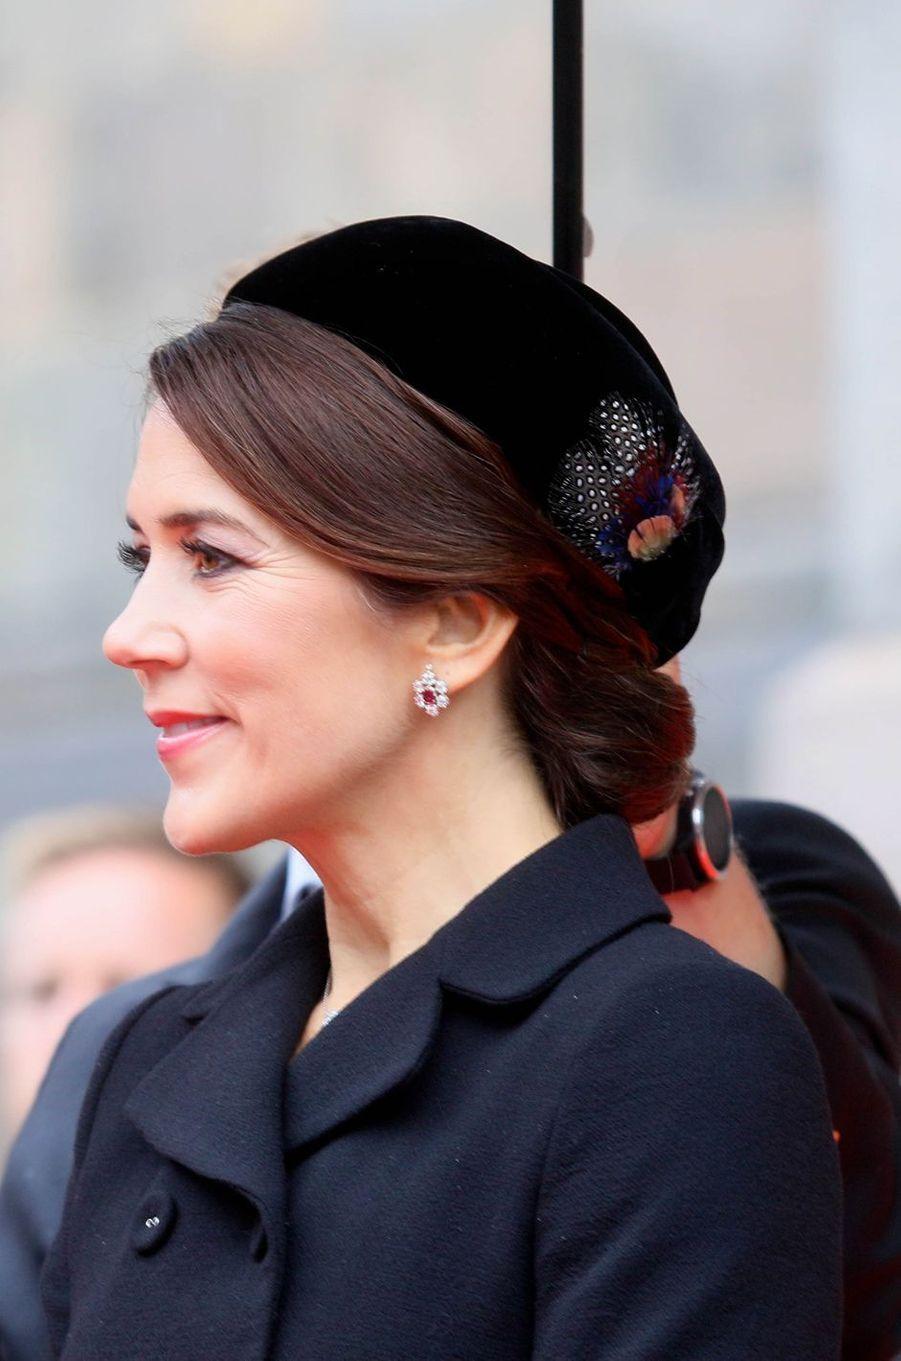 La princesse Mary de Danemark à Copenhague, le 2 octobre 2018